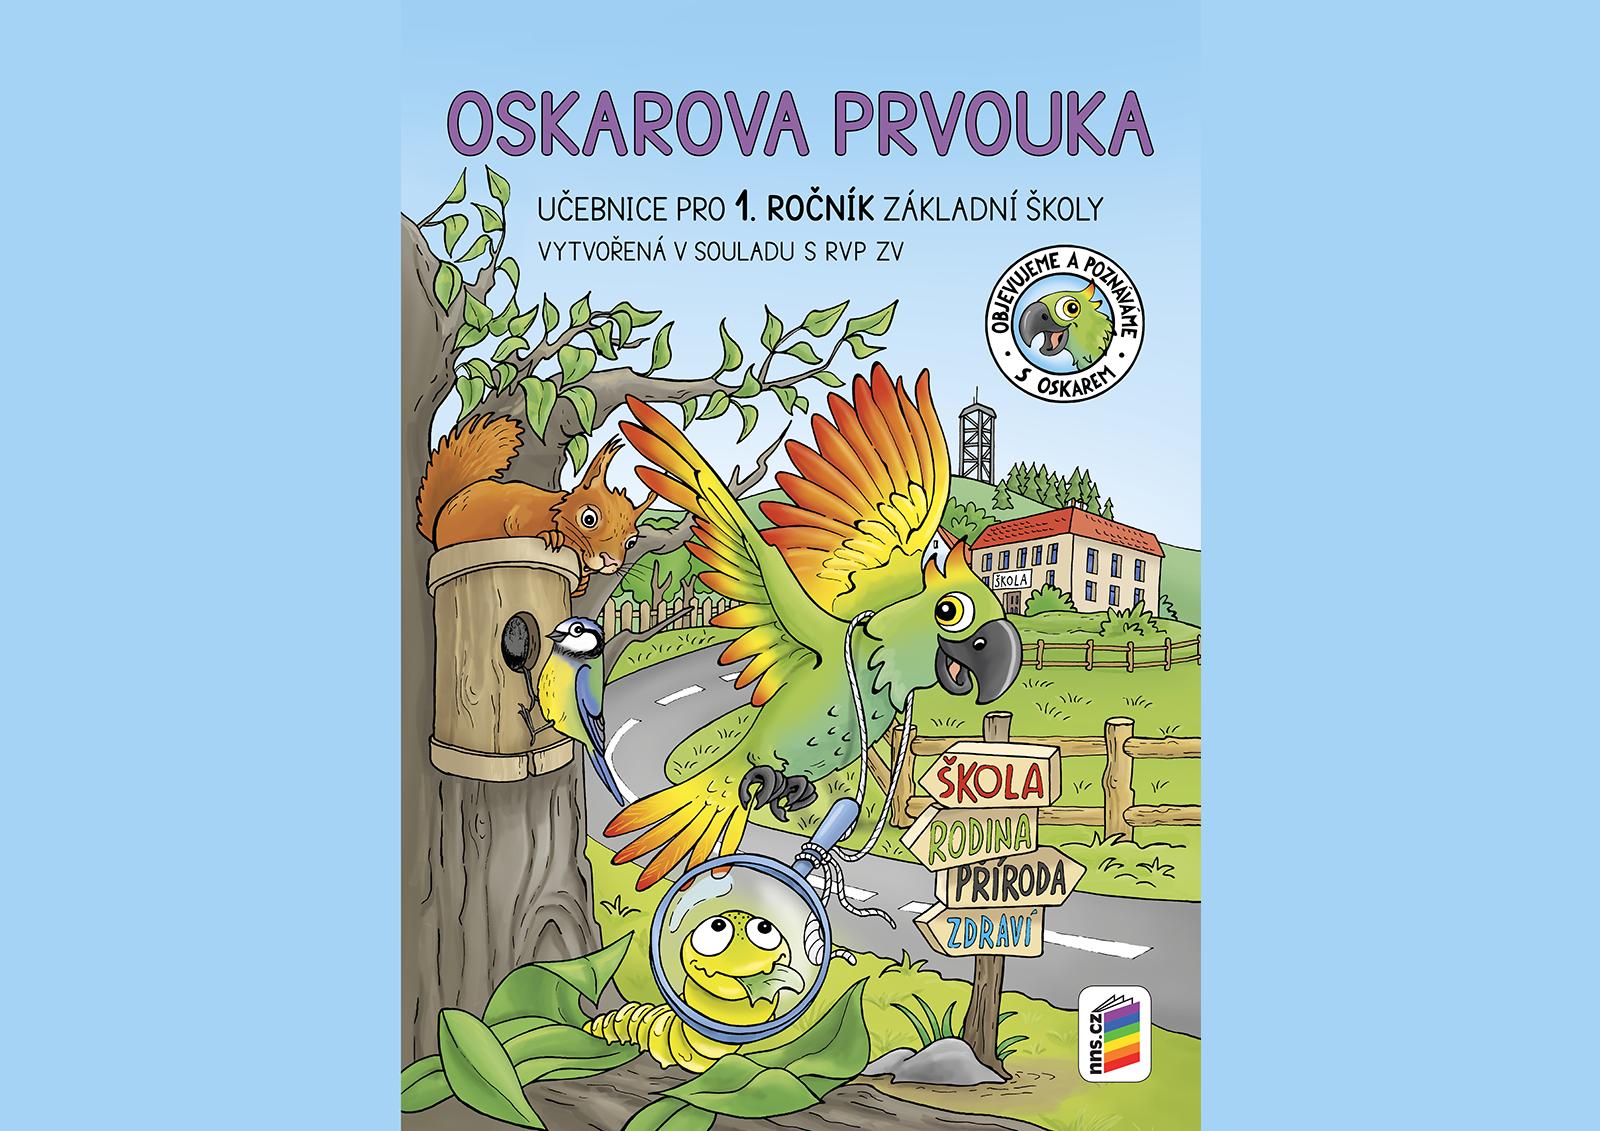 https://www.mediacreator.cz/documents/Prvouka/images/prvouka_oskar__obalka__RGB-1.png